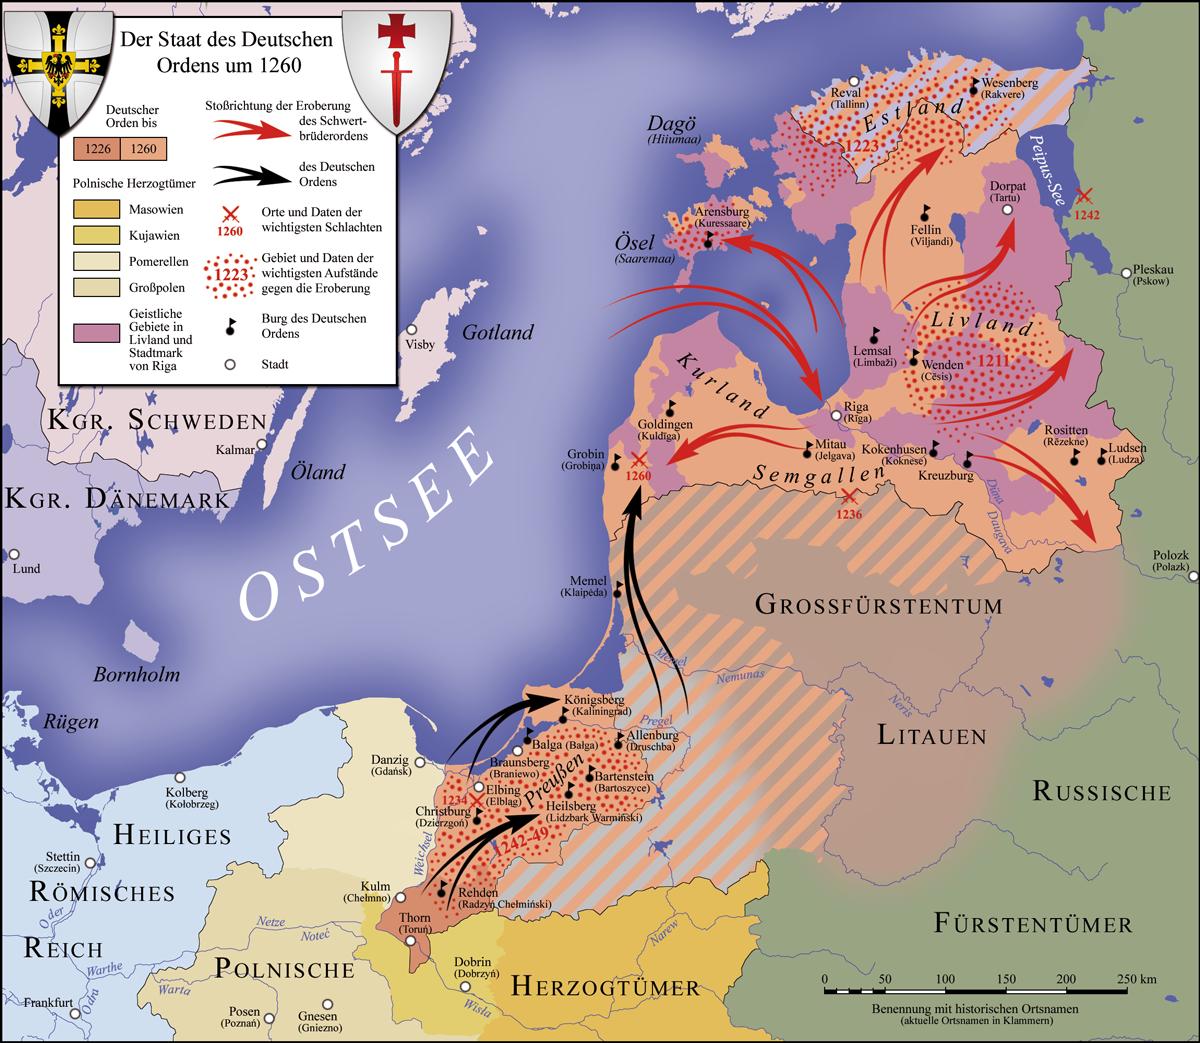 Der Staat des Deutschen Ordens um 1260